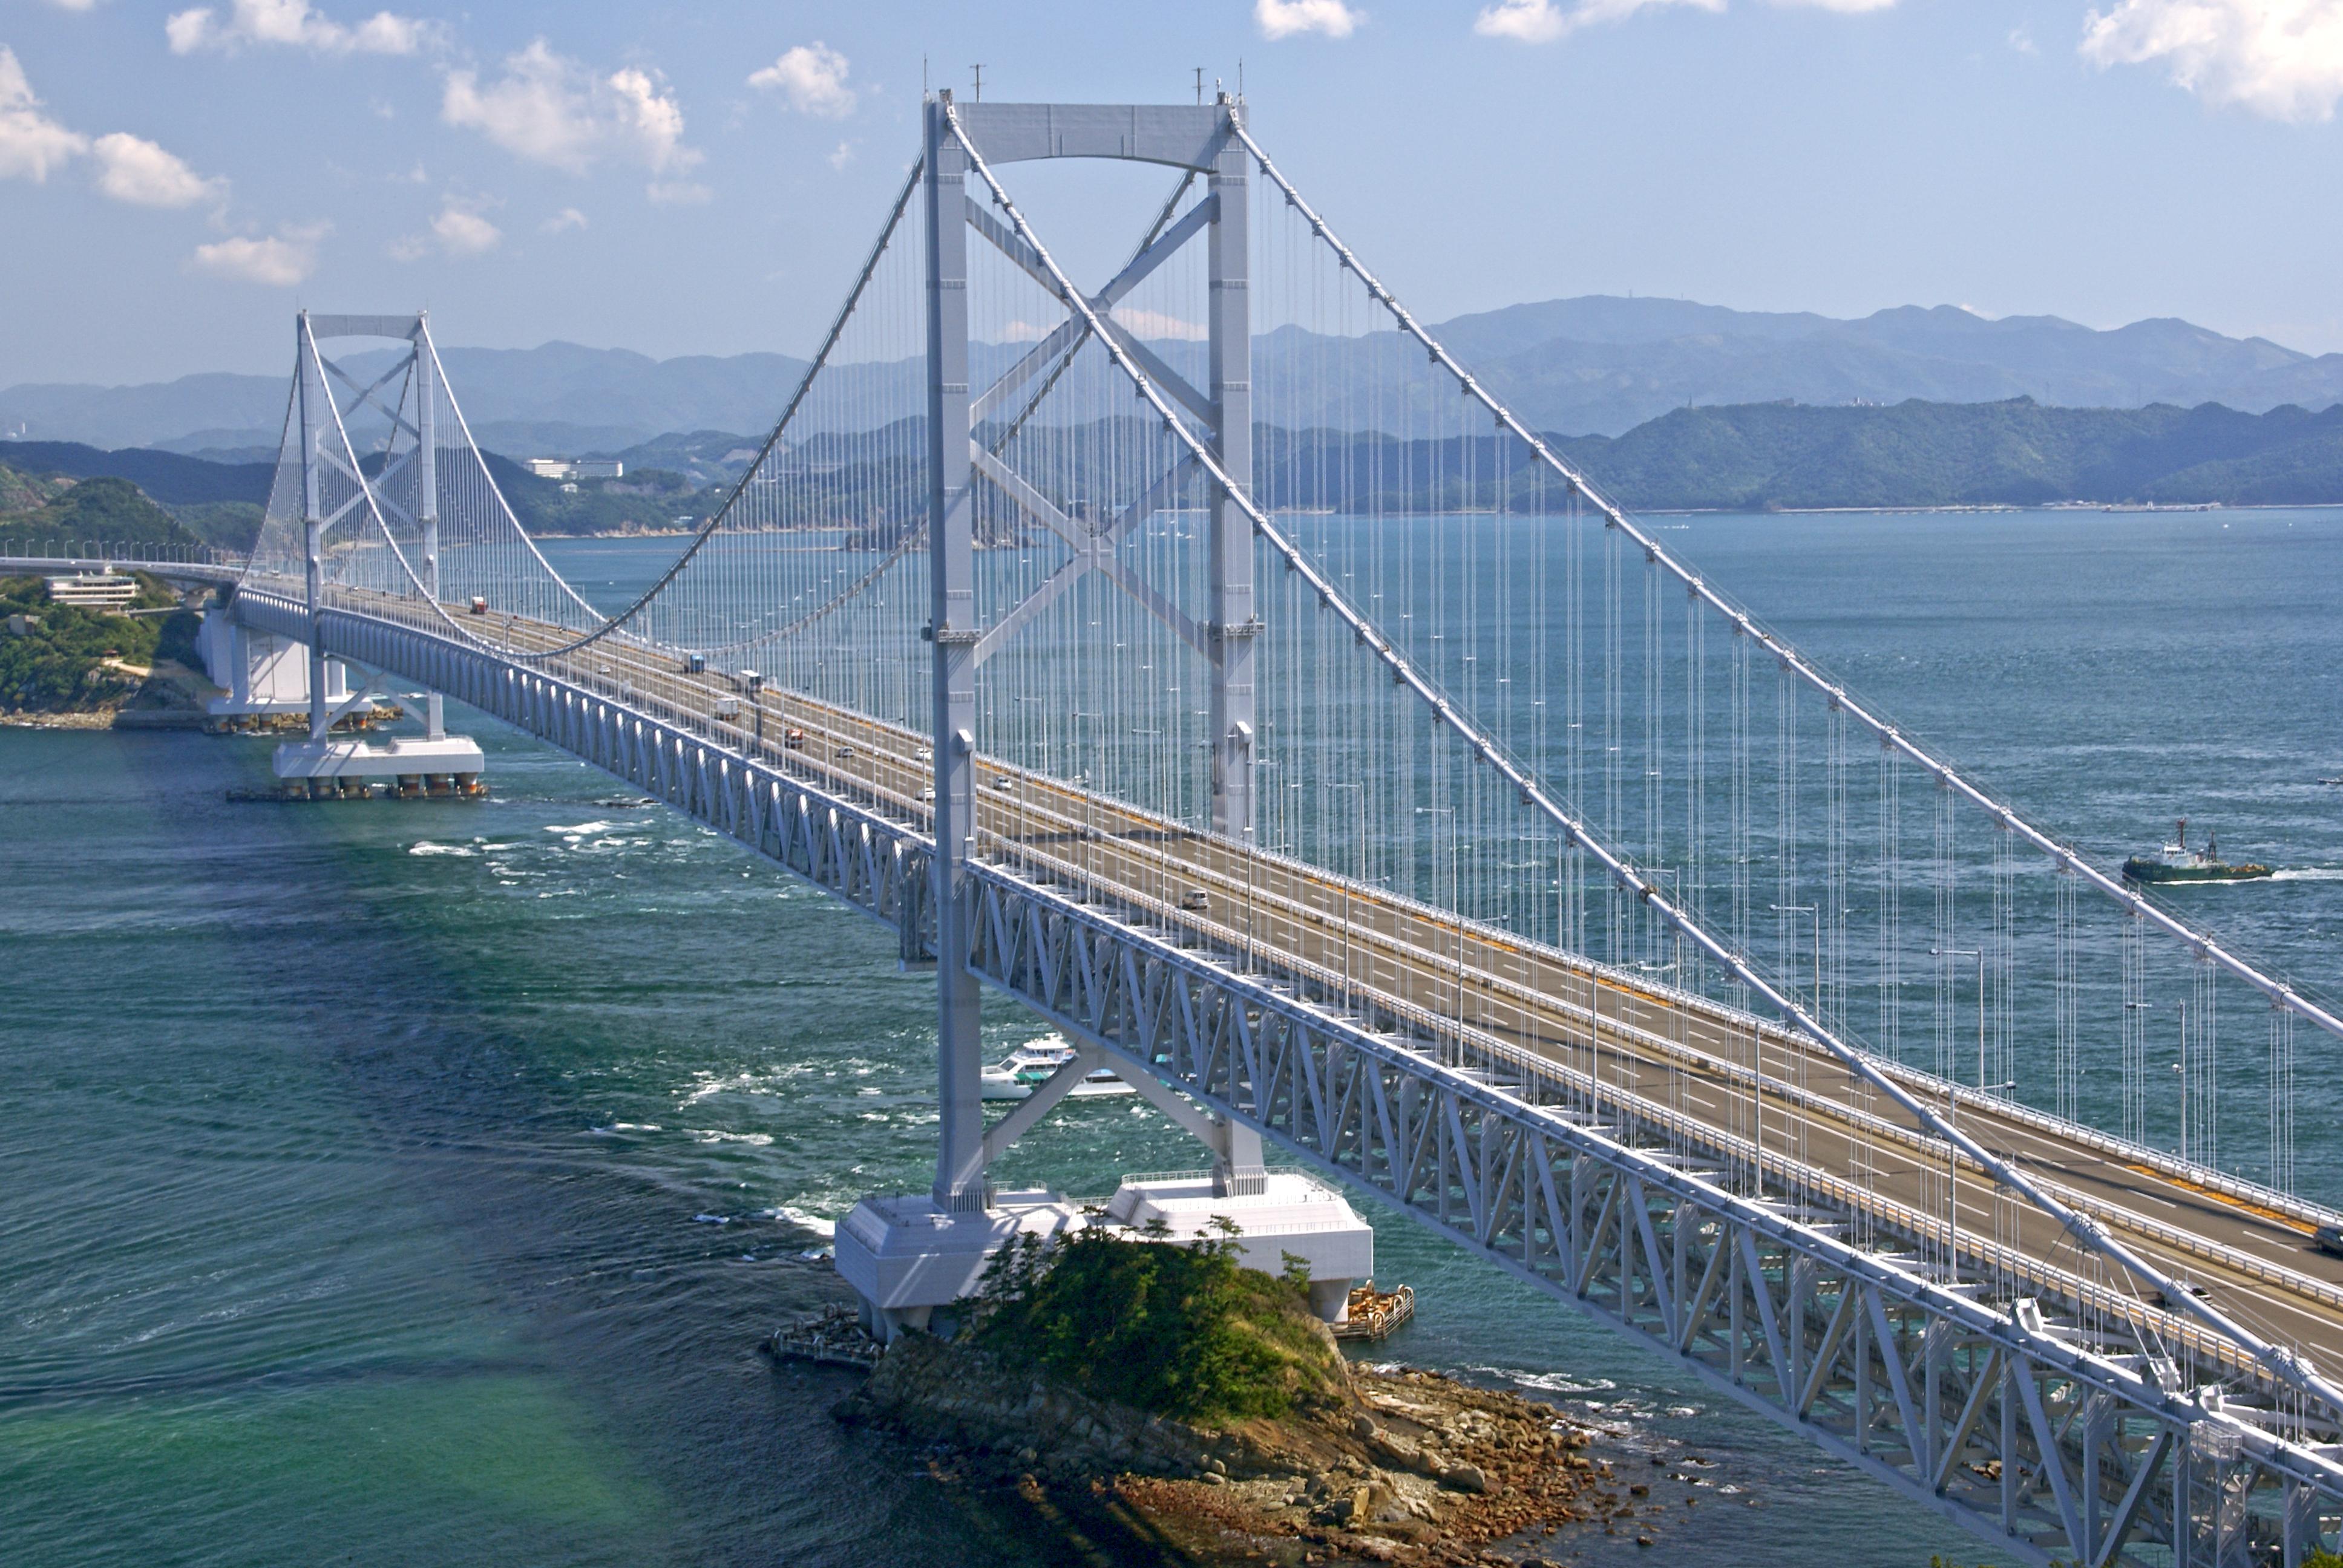 「大 鳴門 橋」的圖片搜尋結果